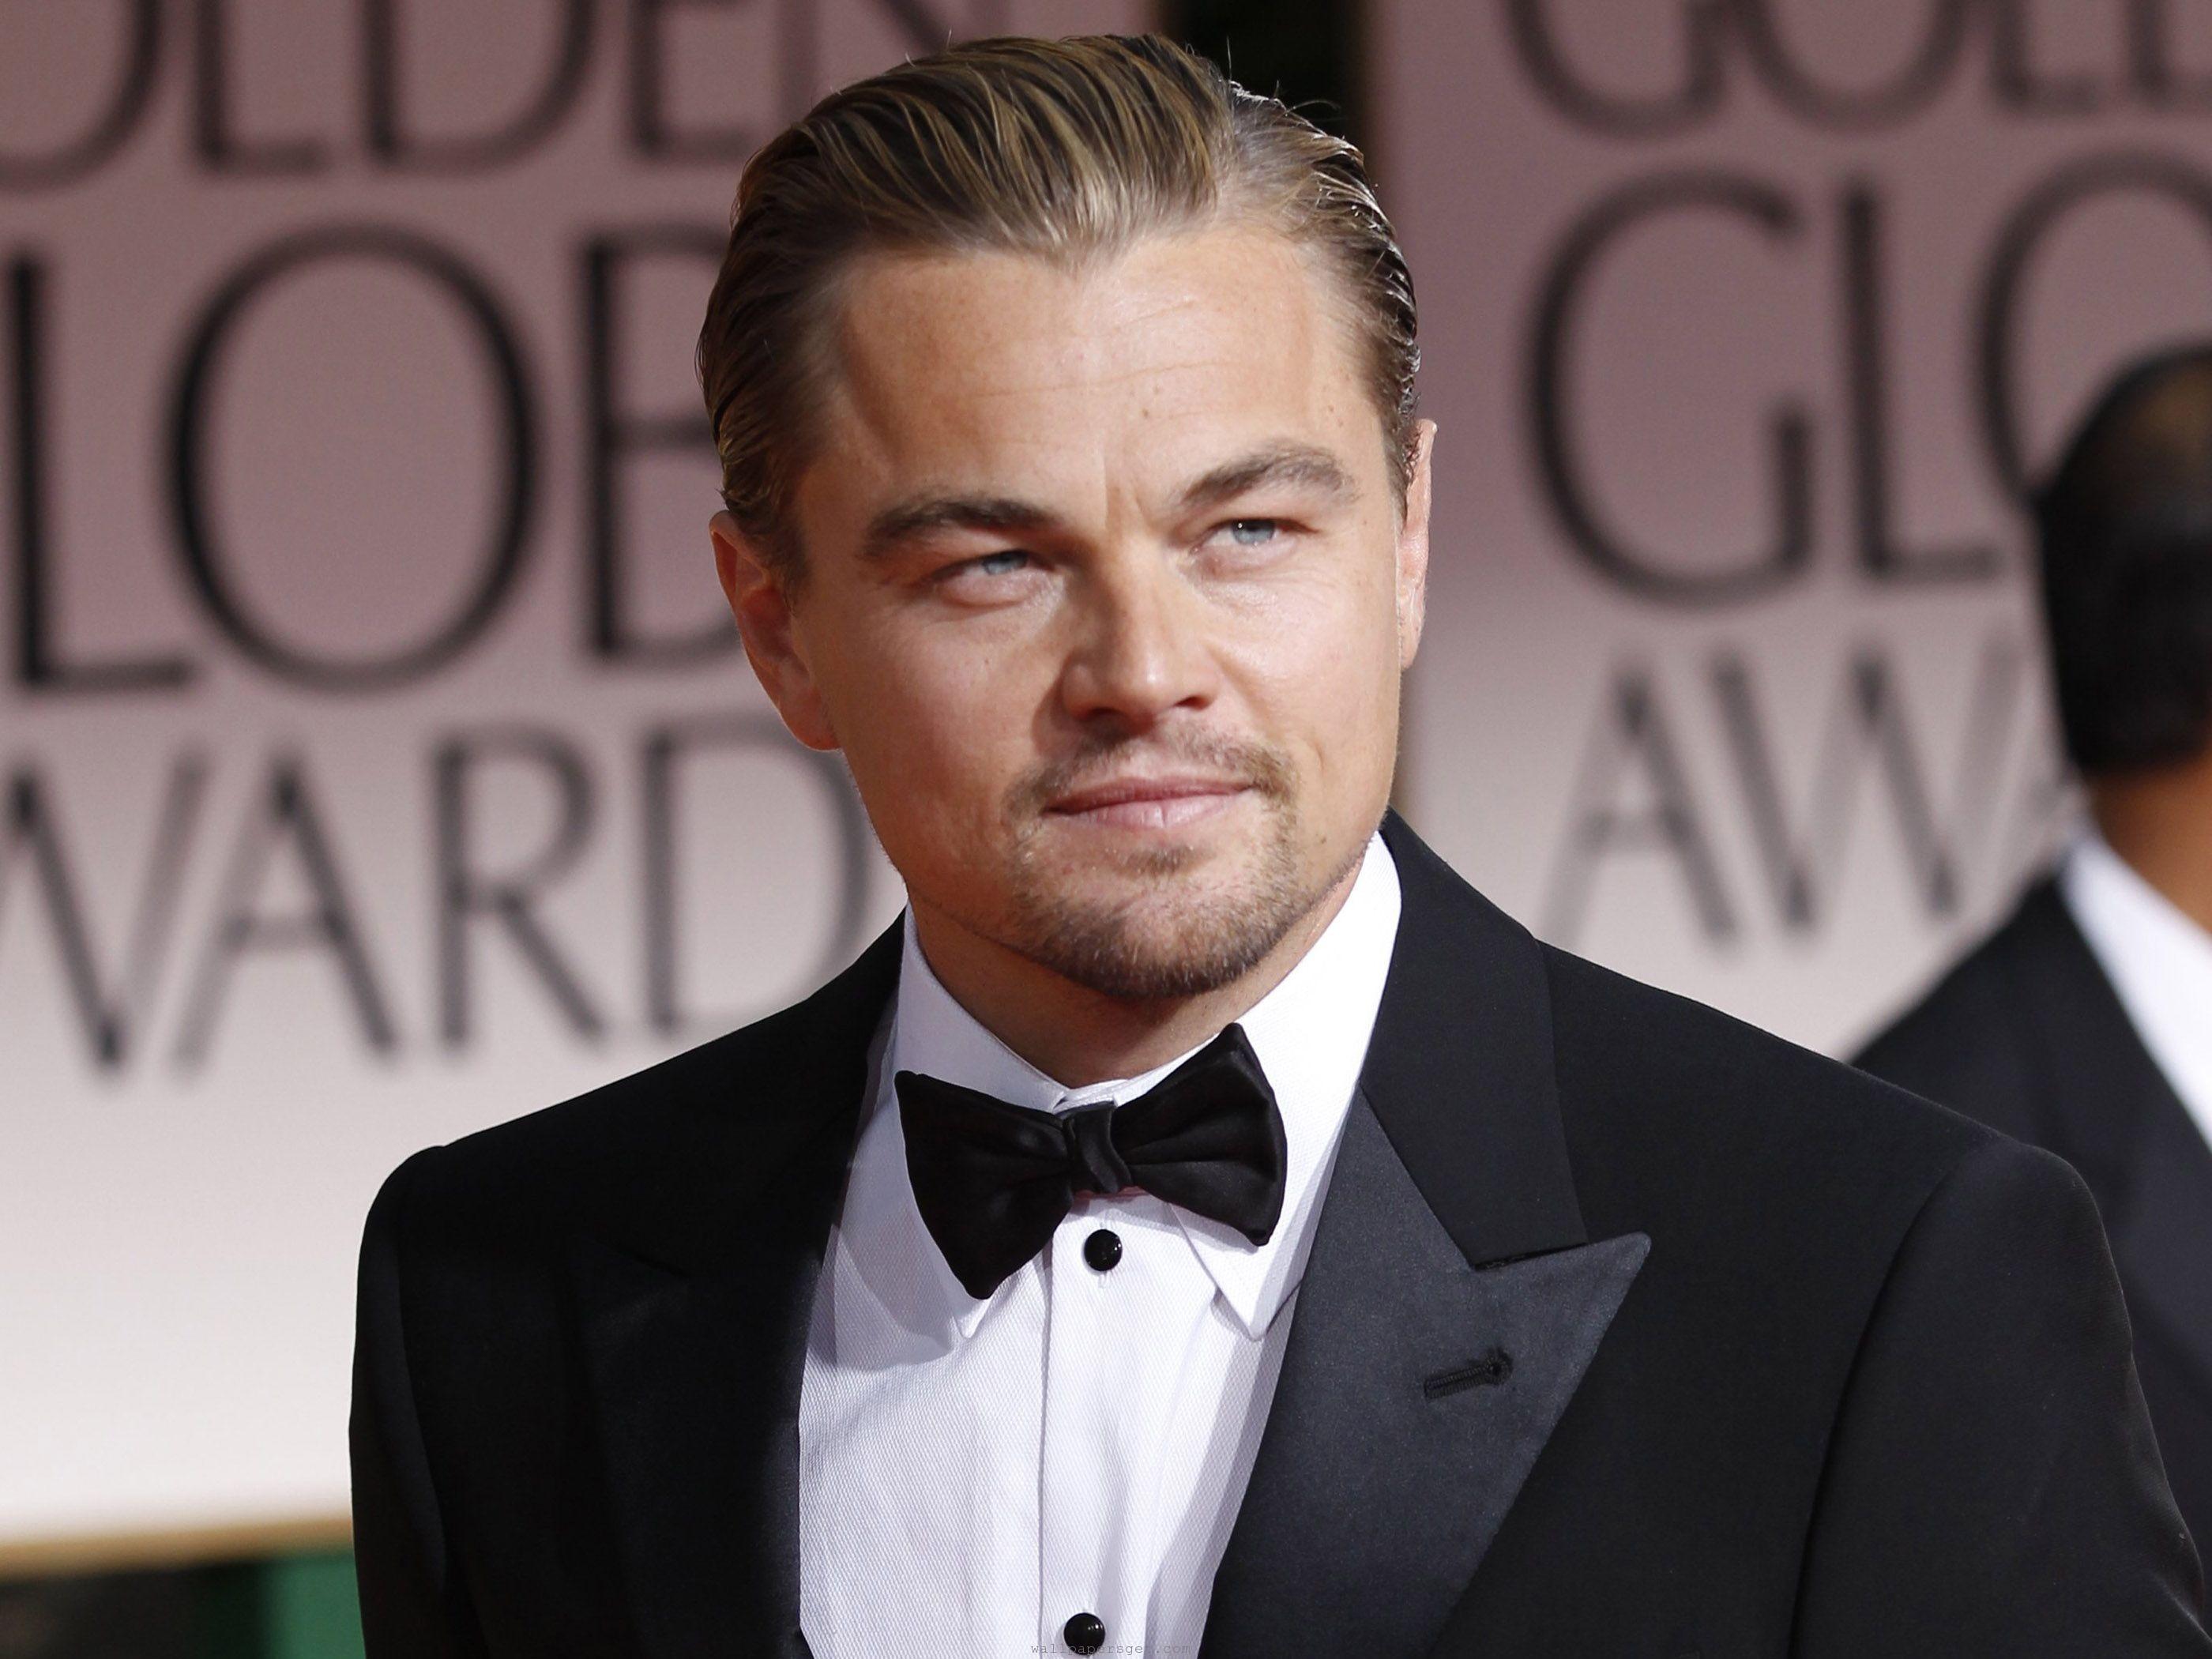 Leonardo Di Caprio Steve Jobs rolüyle izleyicilerin karşısına çıkabilir